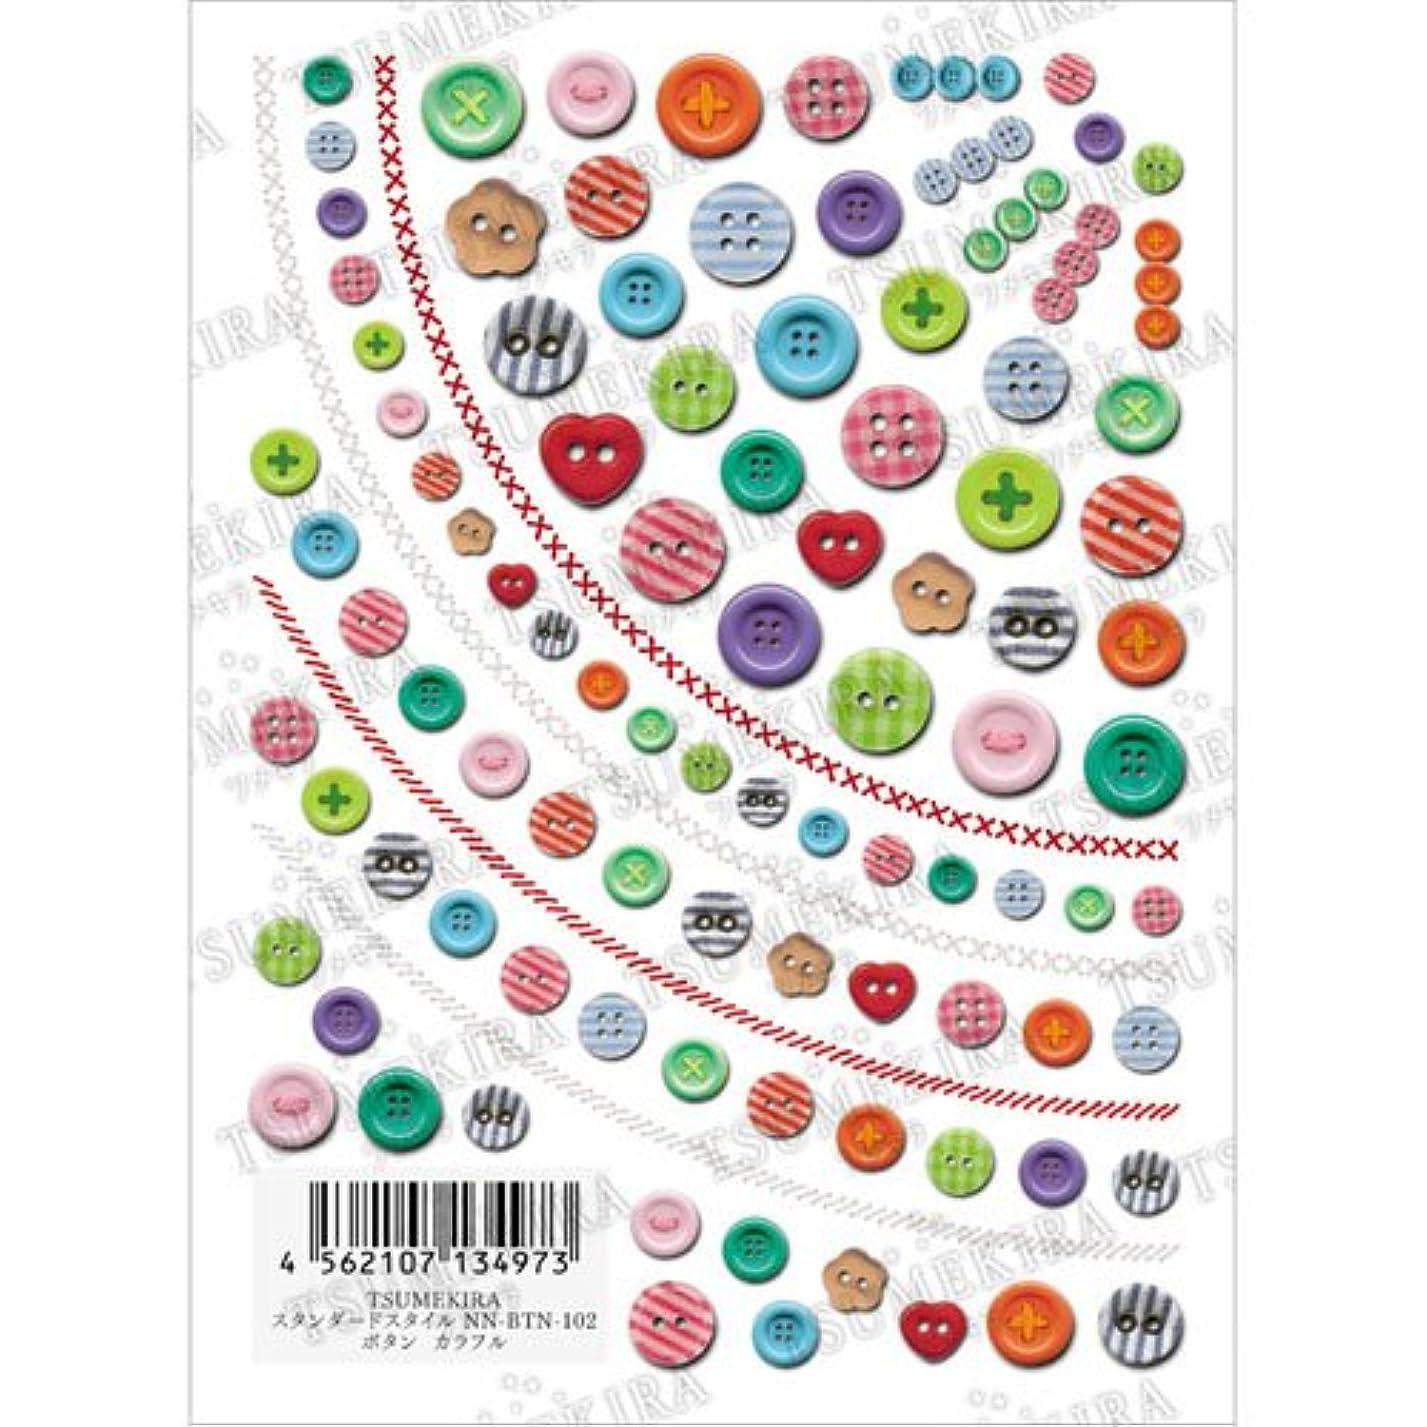 満了ゆるい見るツメキラ ネイル用シール スタンダードスタイル ボタン カラフル